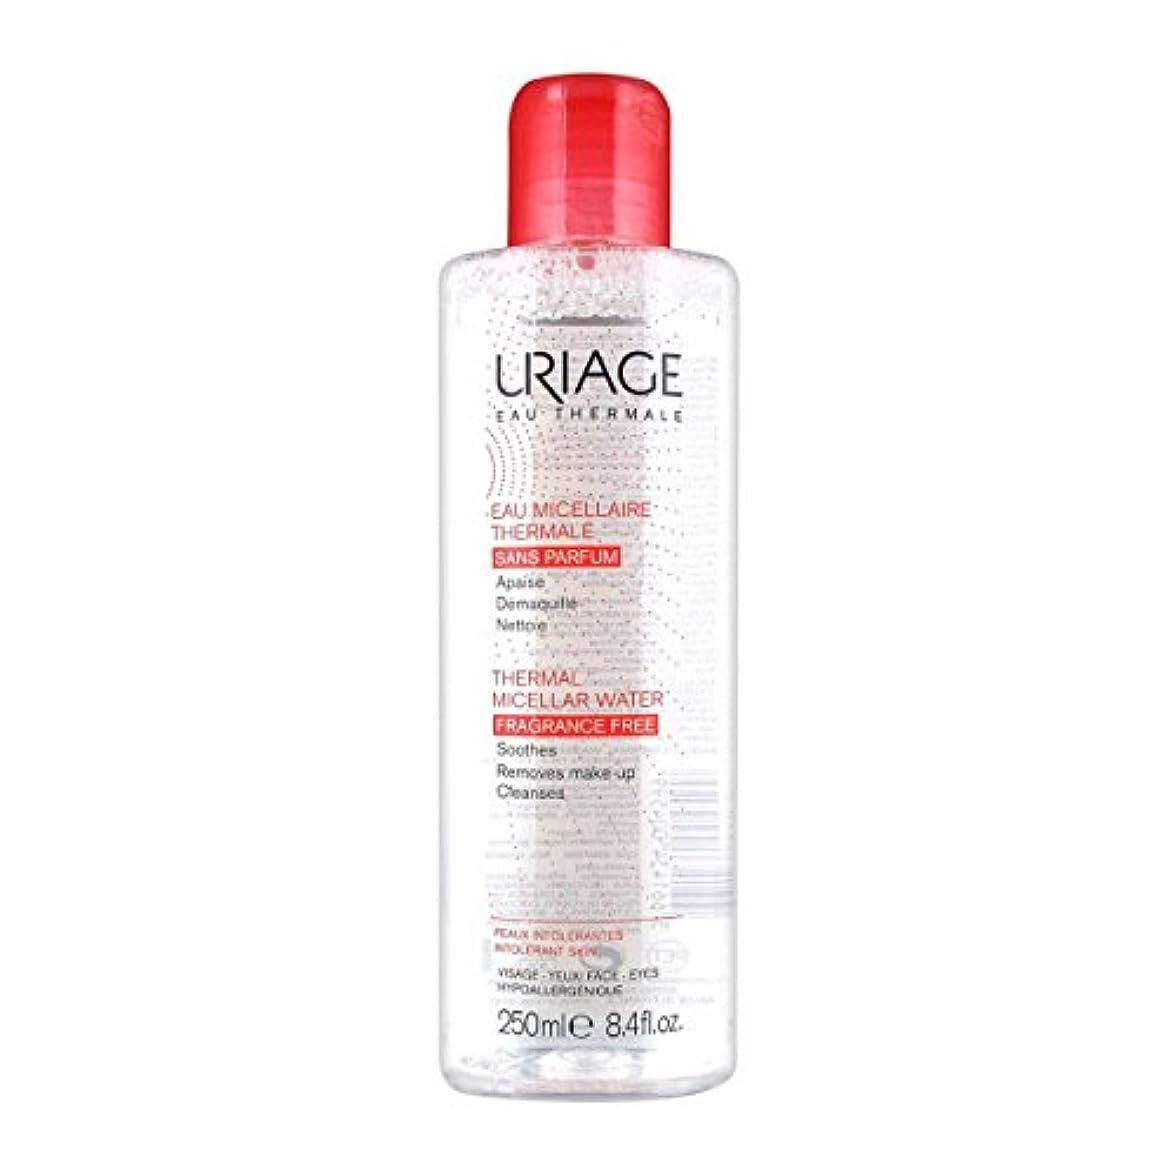 きらめき地雷原埋め込むUriage Thermal Micellar Water Fragrance Free Intolerant Skin 250ml [並行輸入品]